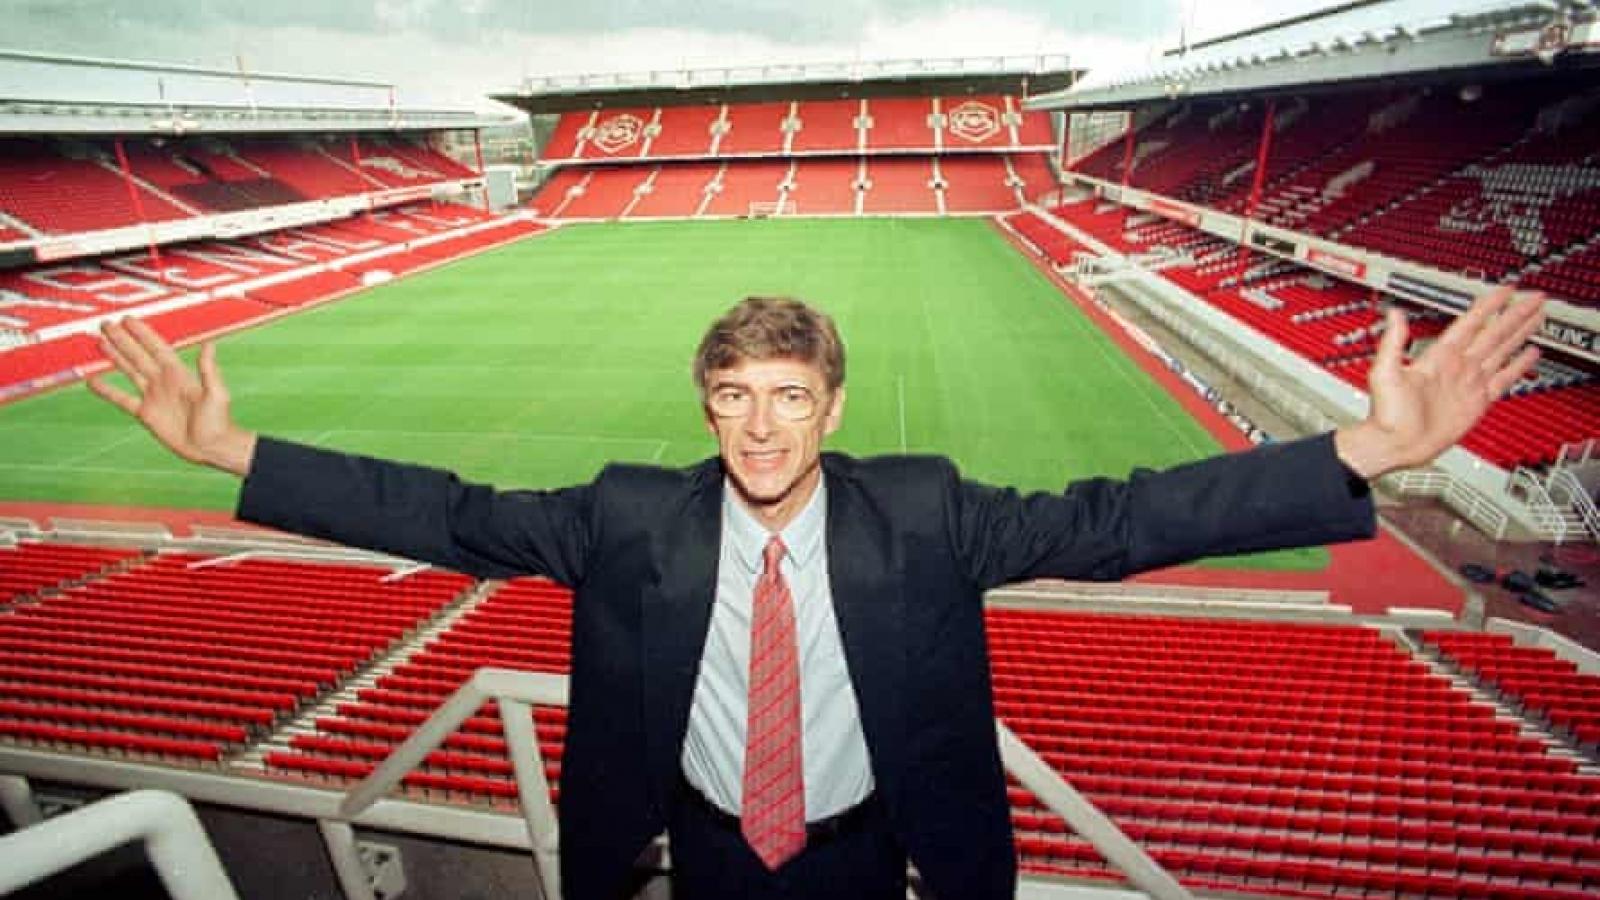 Ngày này năm xưa: HLV Wenger chính thức dẫn dắt Arsenal